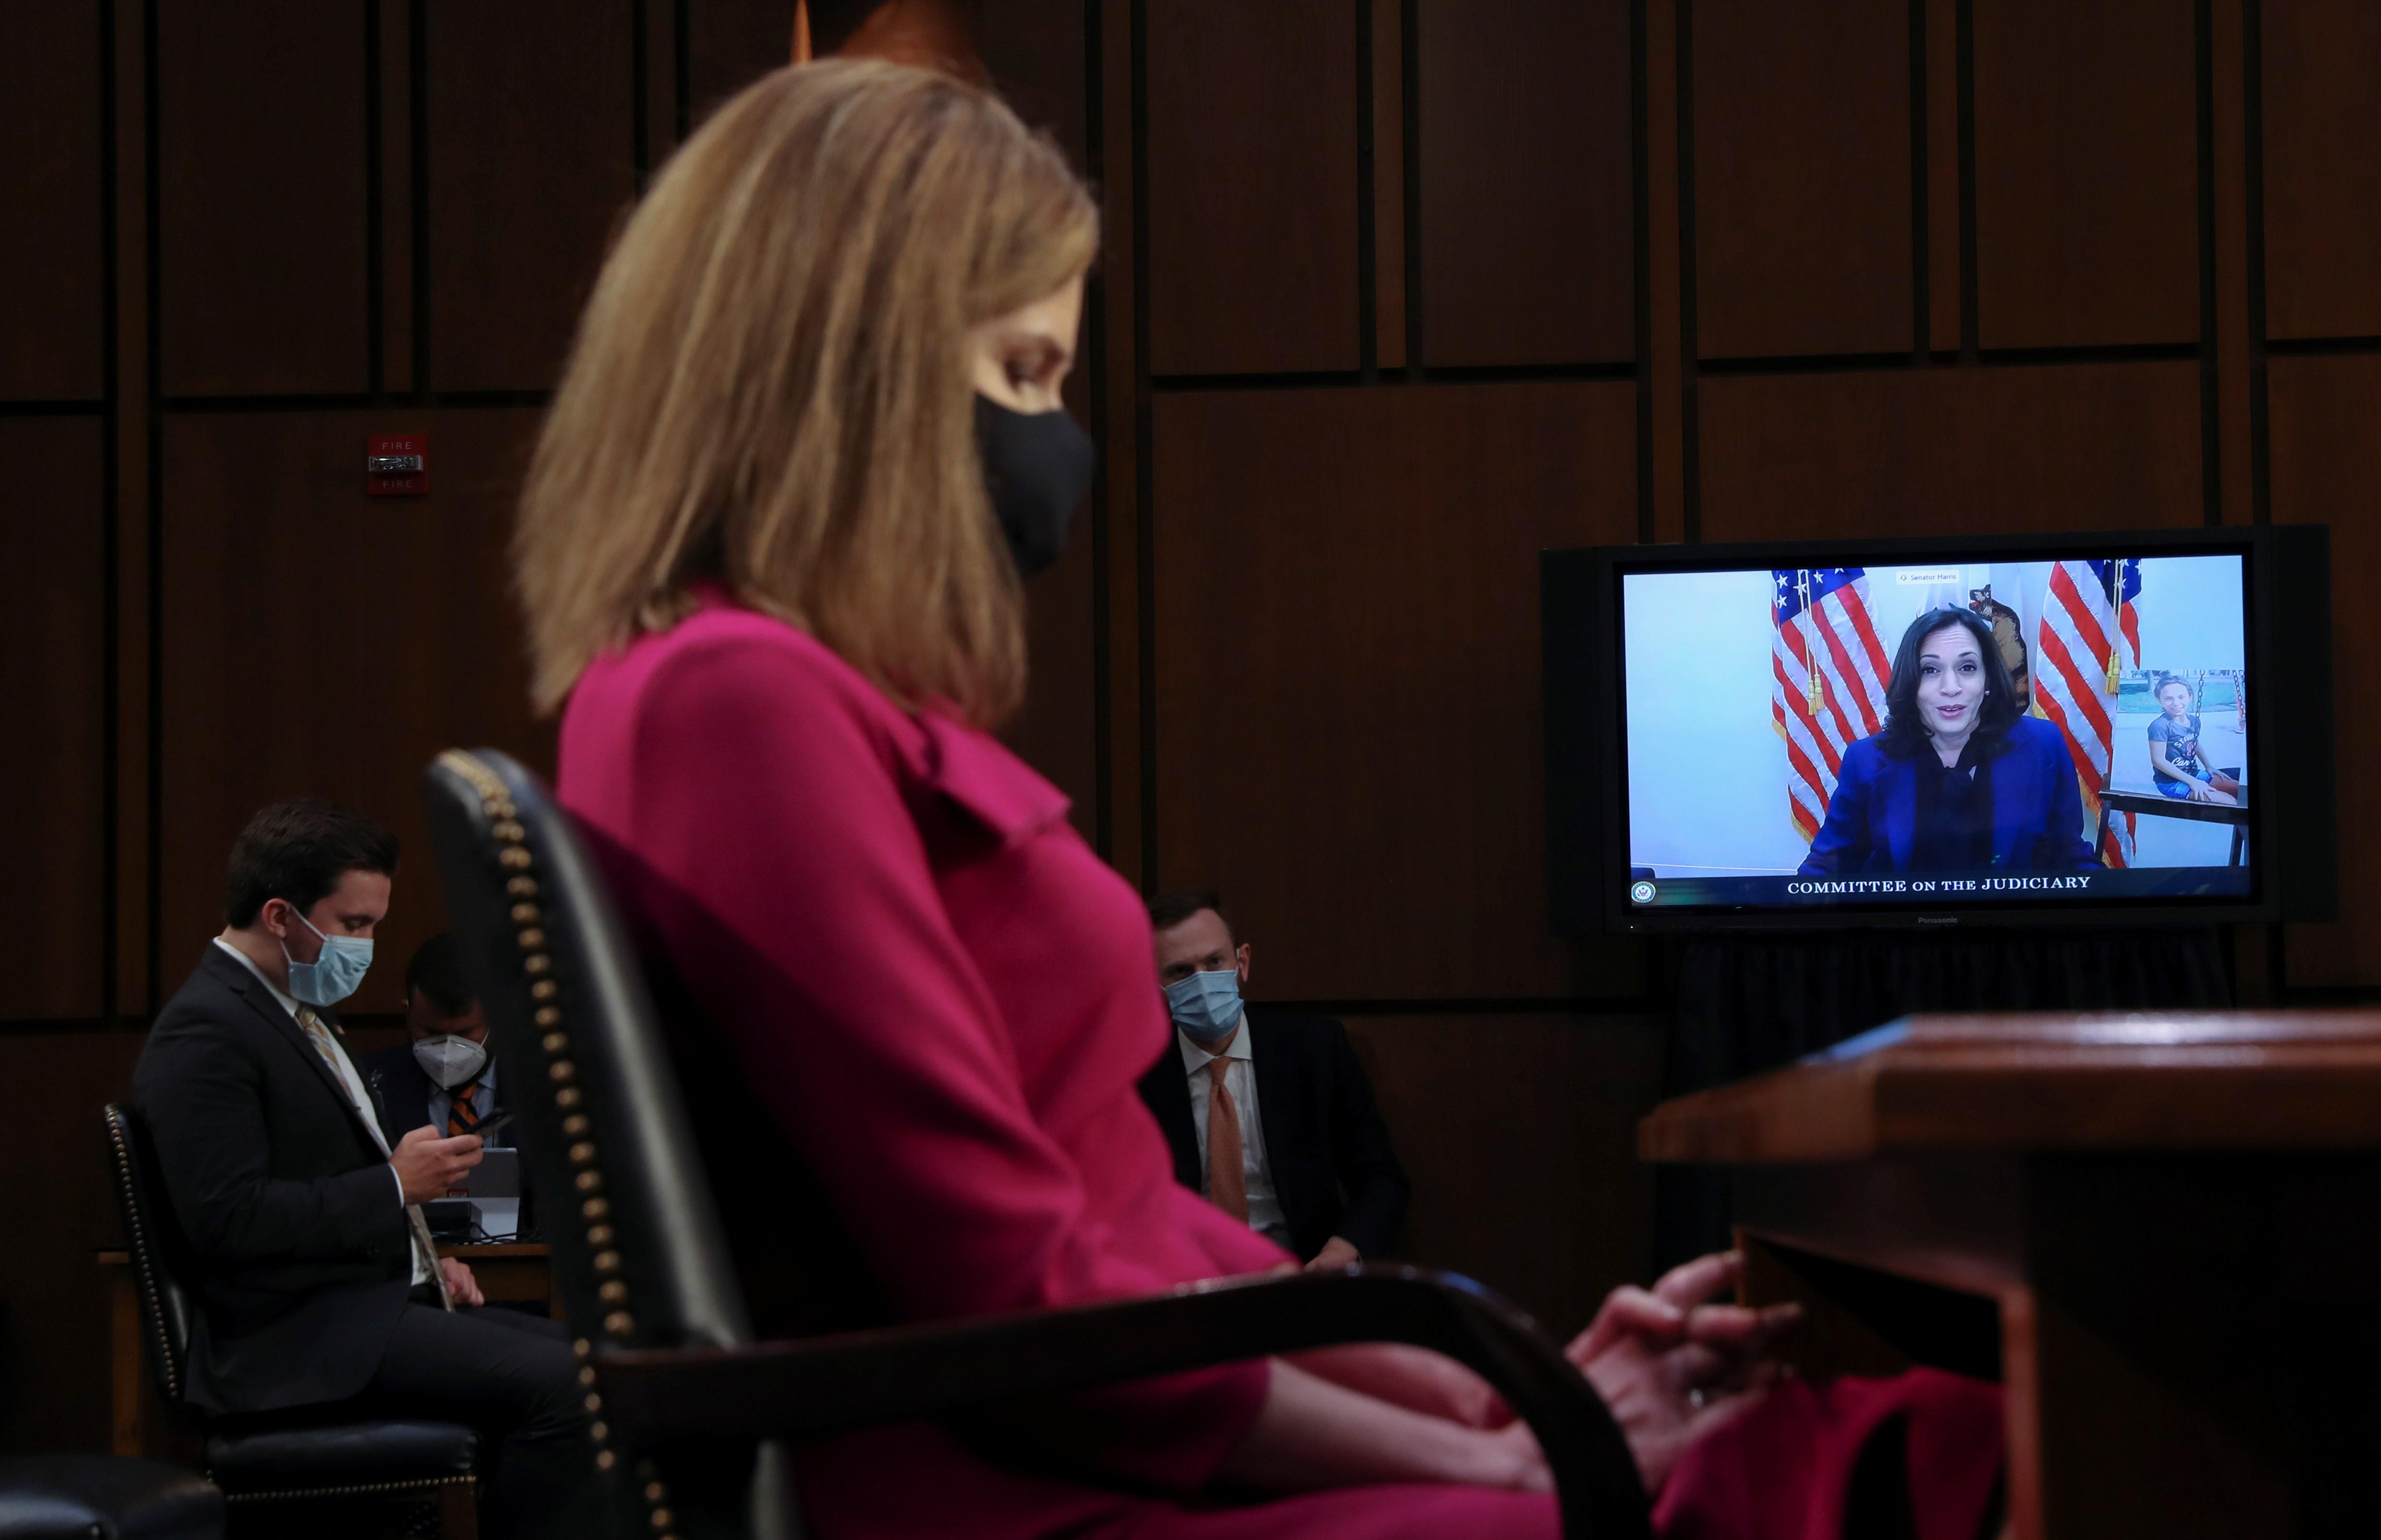 Em sabatina no Senado, Kamala Harris critica Trump por nomear juíza conservadora antes das eleições